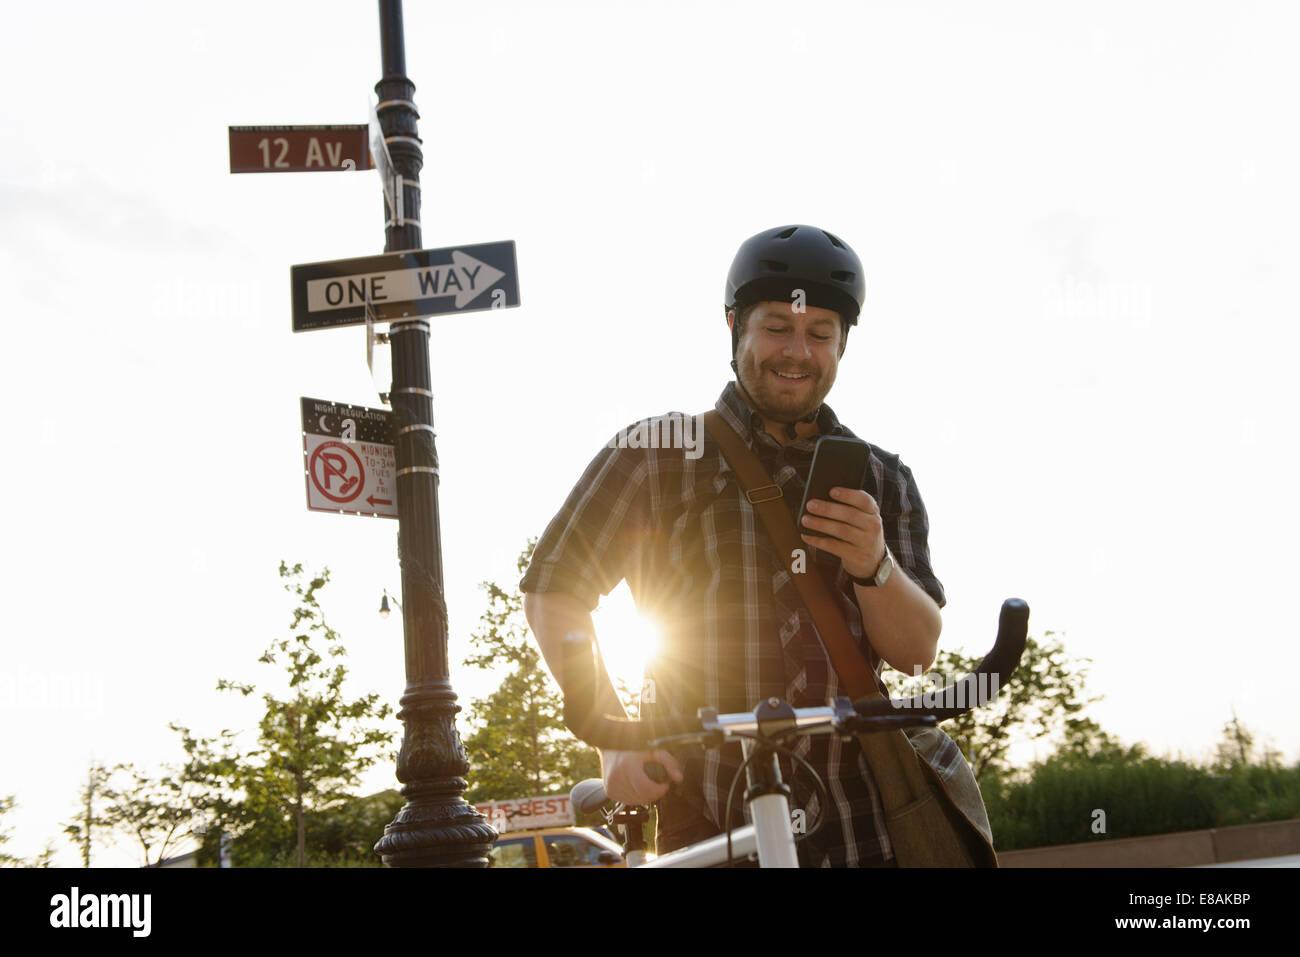 Cycle masculin messenger contrôle des messages texte sur smartphone Photo Stock